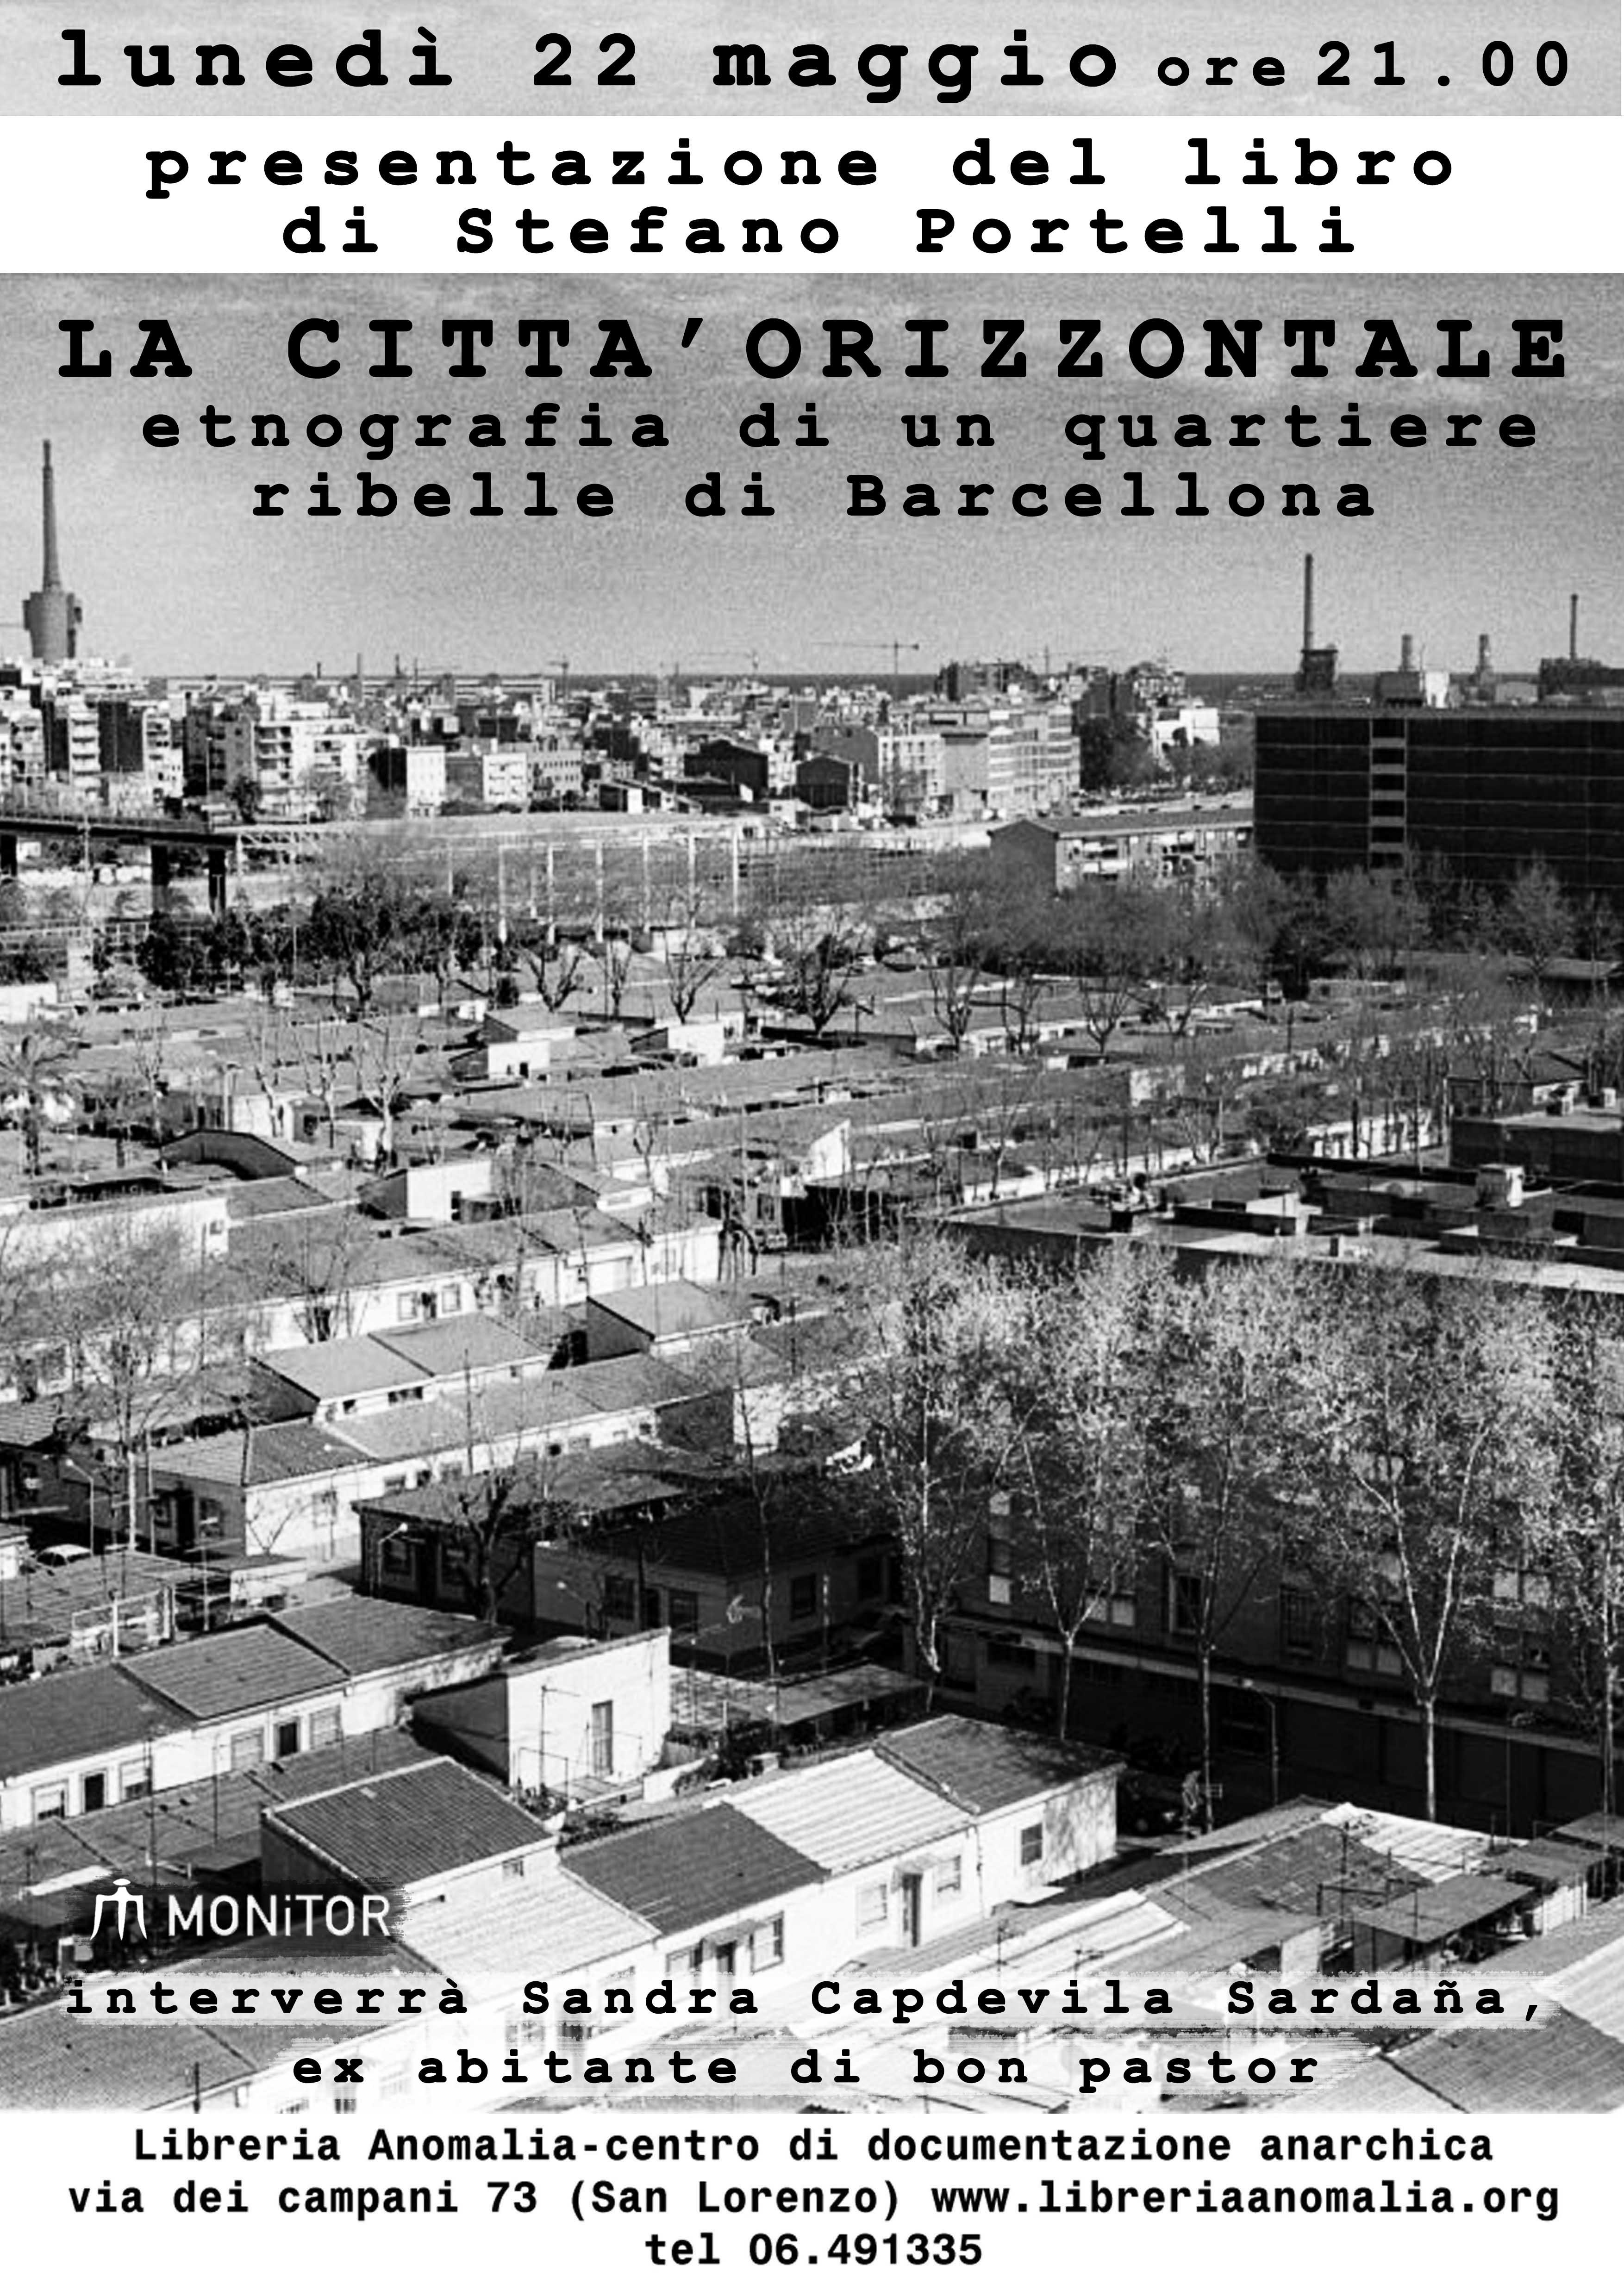 locandina della presentazione del libro di Stefano Portelli